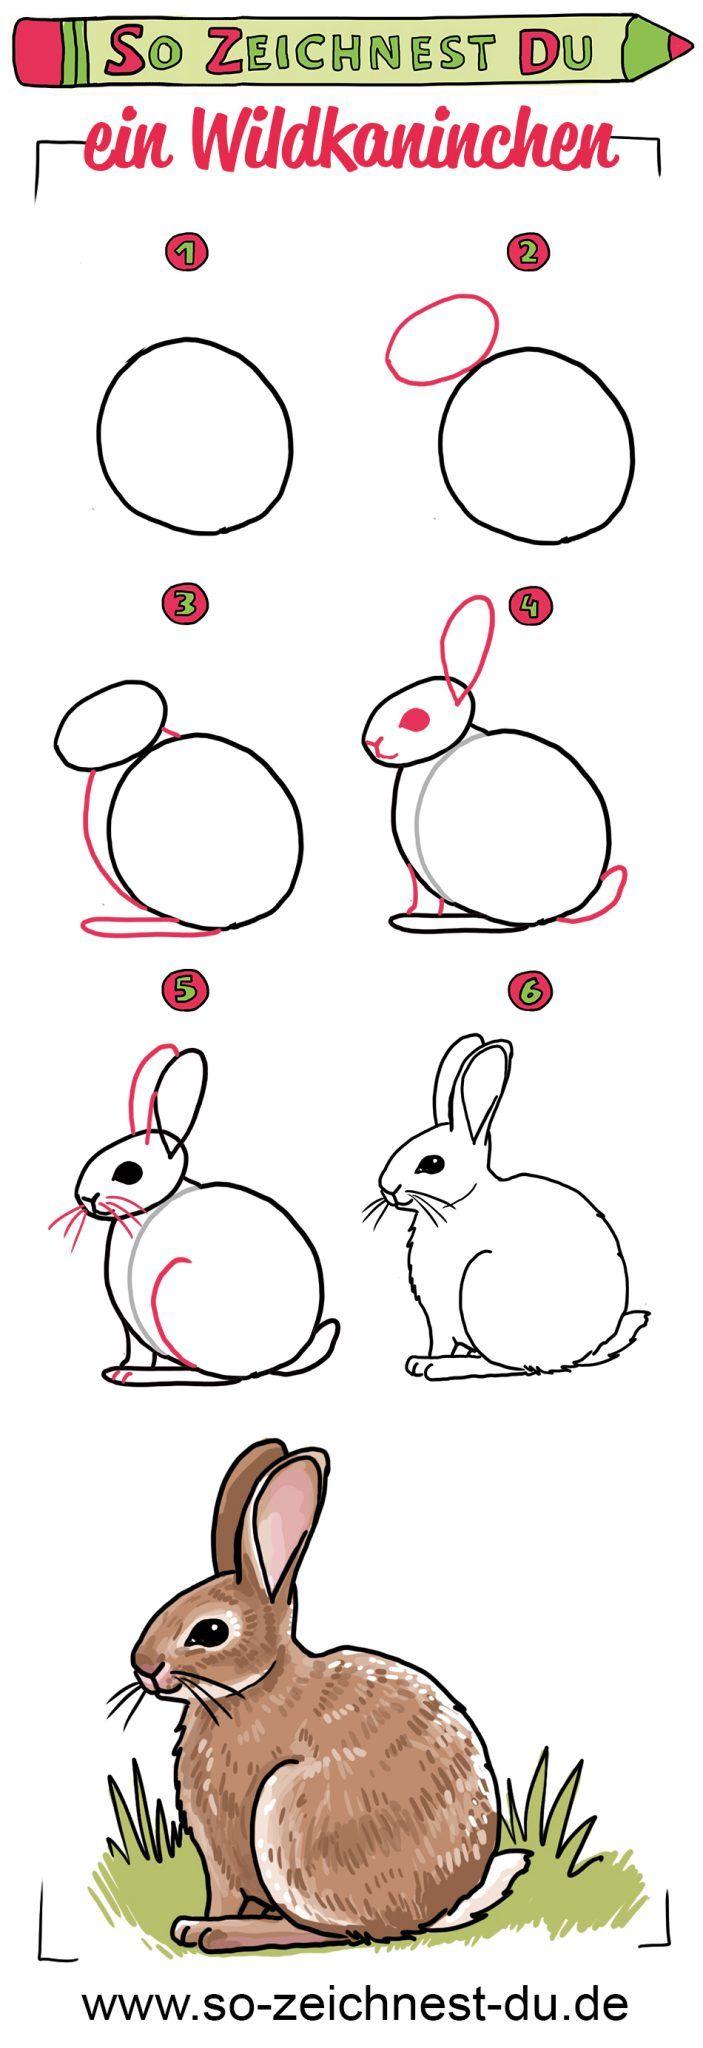 So Zeichnest Du Ein Wildkaninchen Mit Unserer Zeichenschule Lernst Du Ganz Einfach Tiere Wie Dieses Ka Zeichenschule Wildkaninchen Zeichnen Lernen Fur Kinder